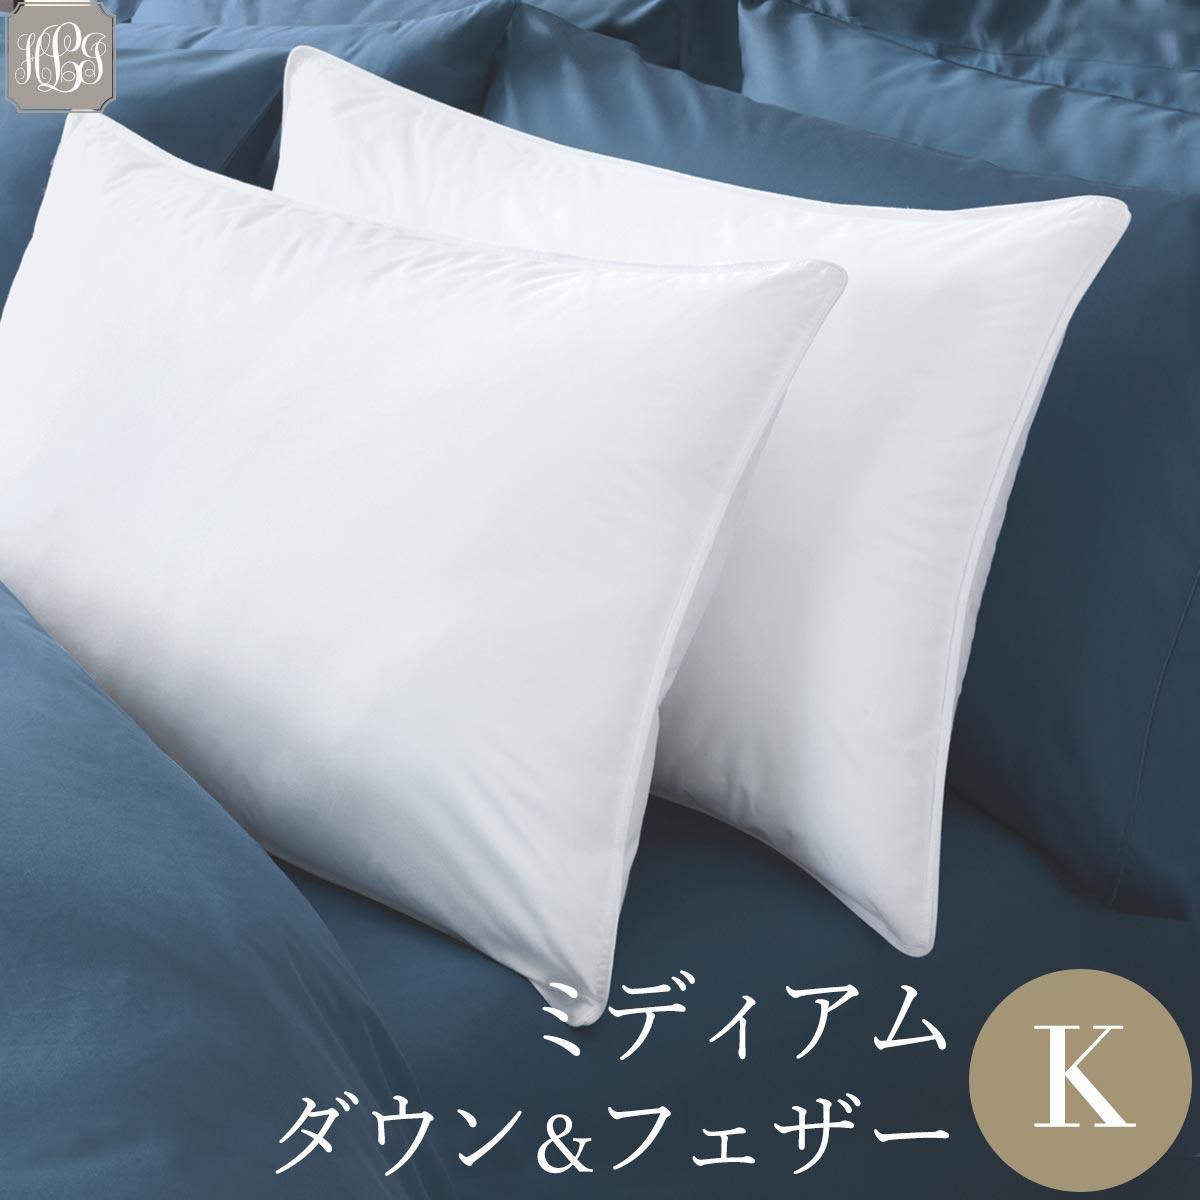 羽毛枕 ダウン50% キング 50cmx91cm ミディアム 高級ホテル 高め 綿100% 送料無料